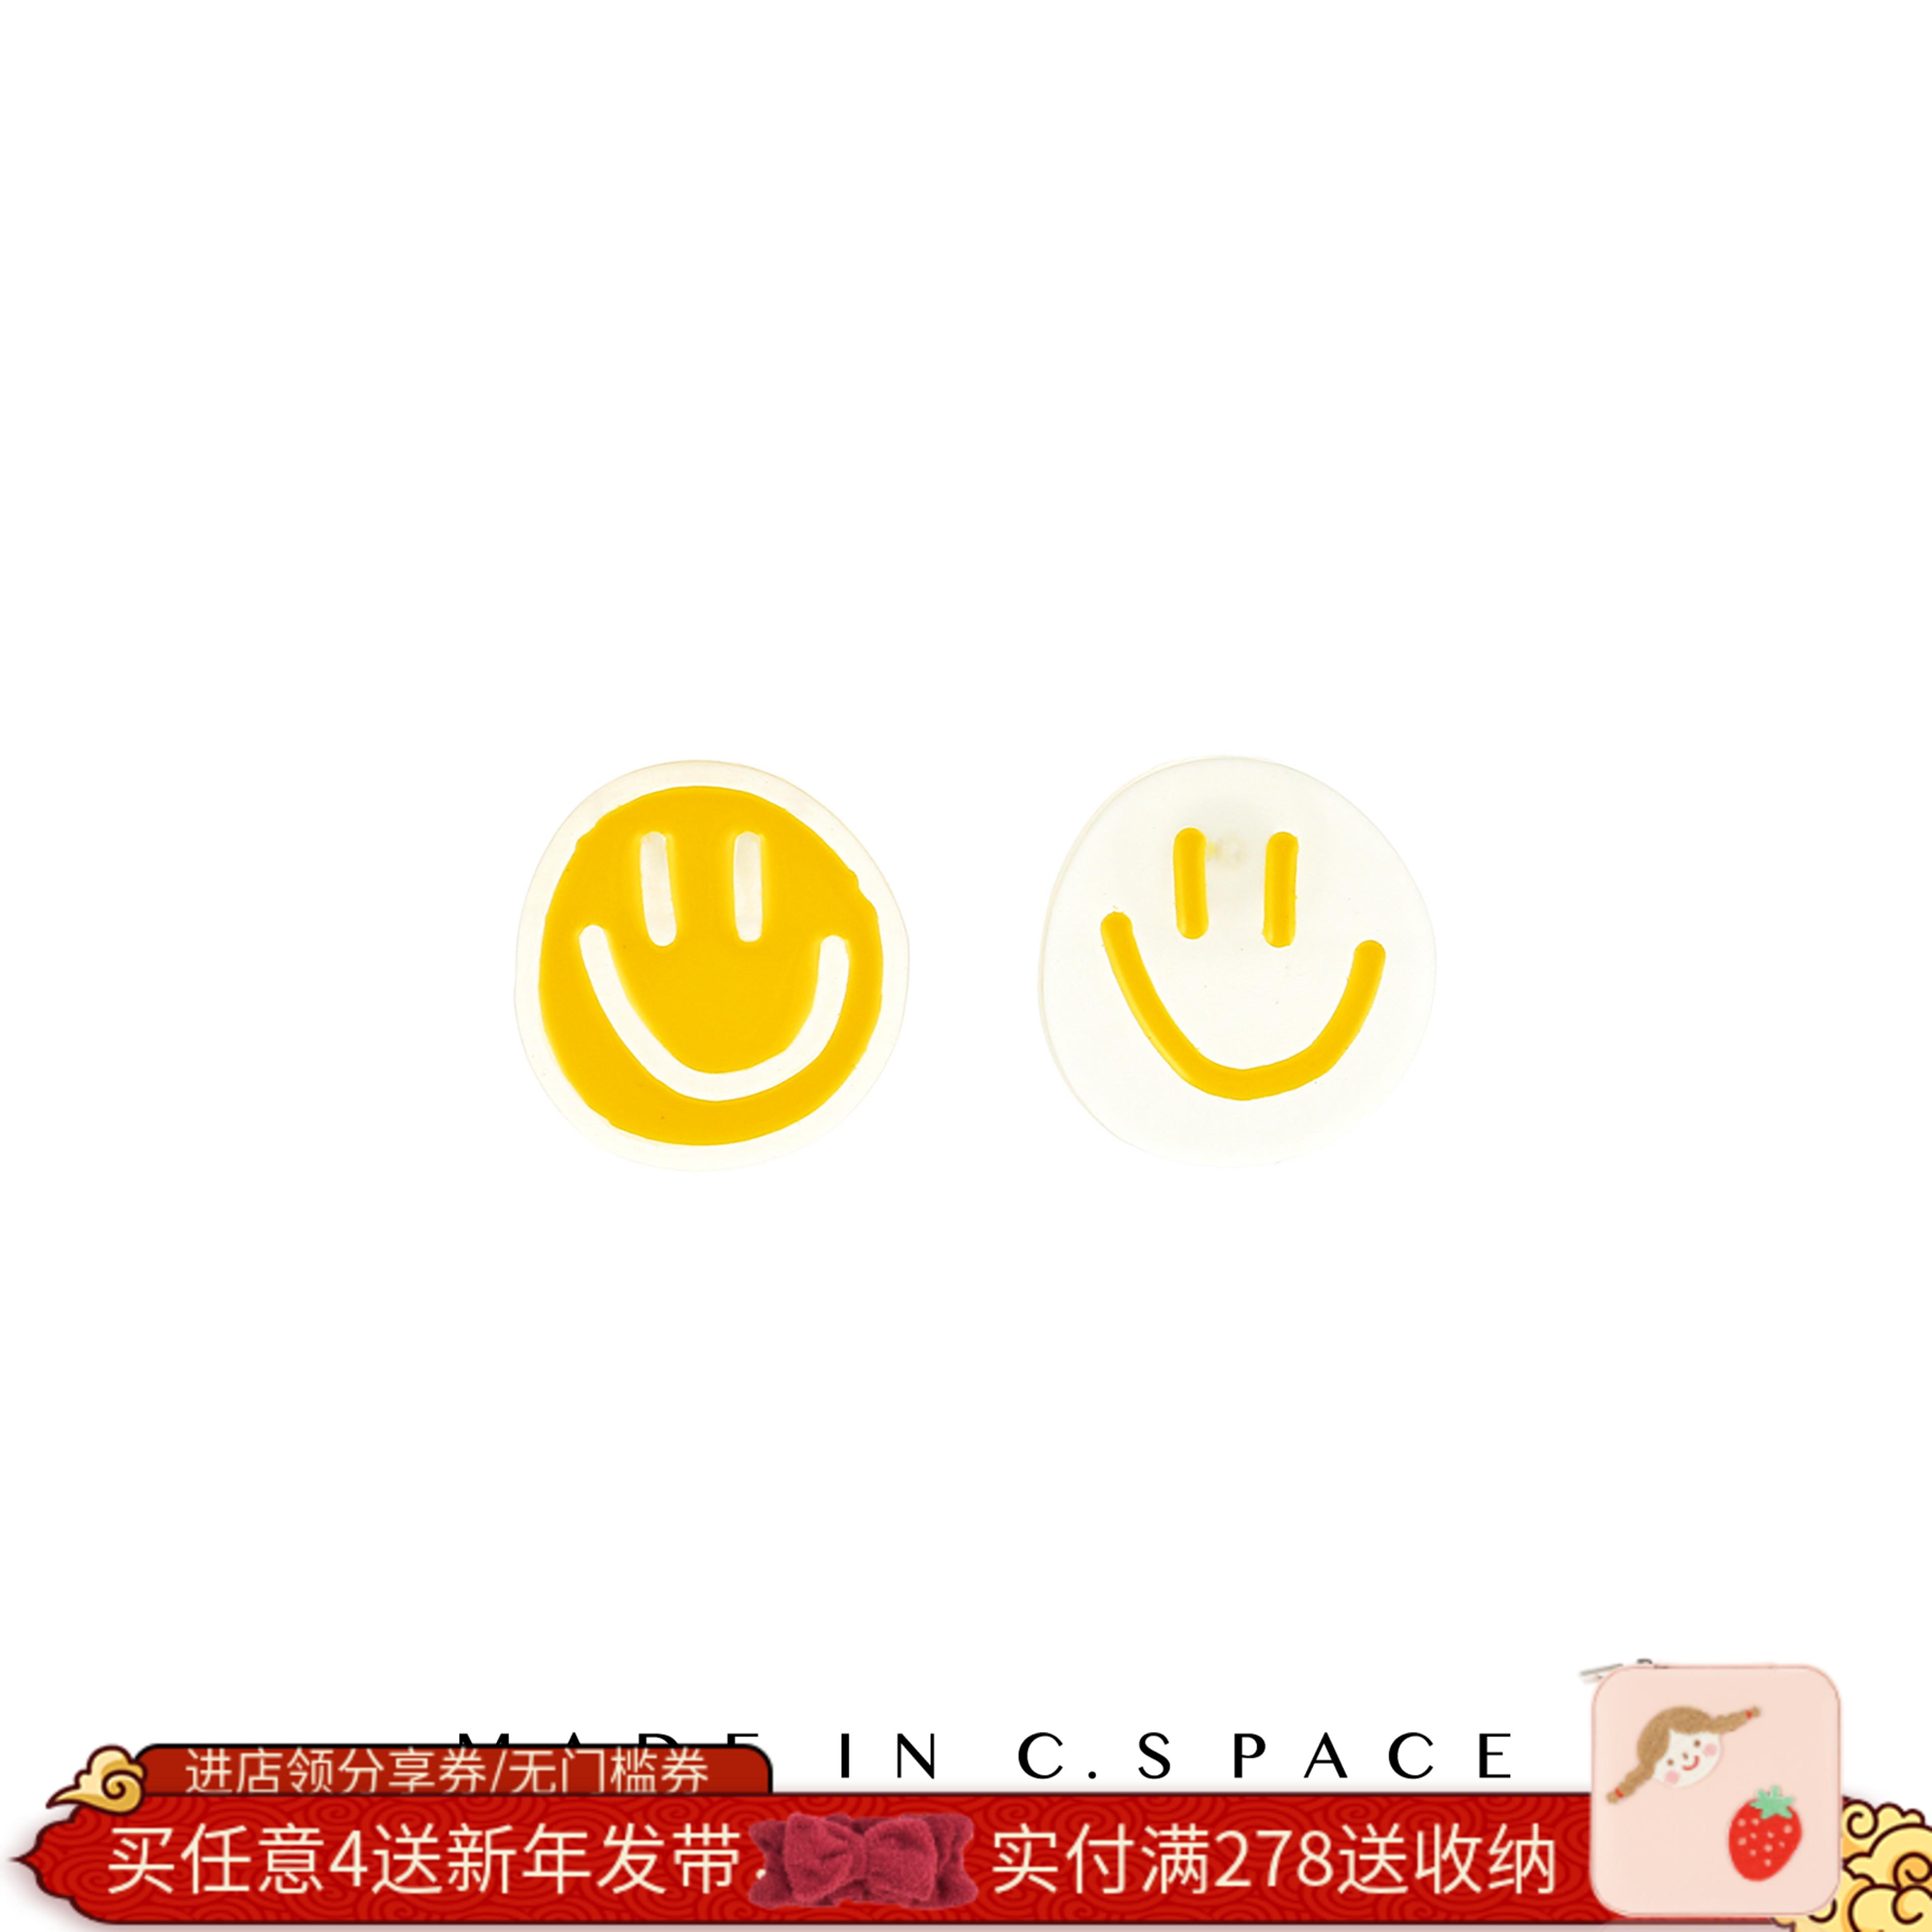 c.space黄色笑脸耳环银针 s925纯银耳坠纯银不对称不规则耳饰